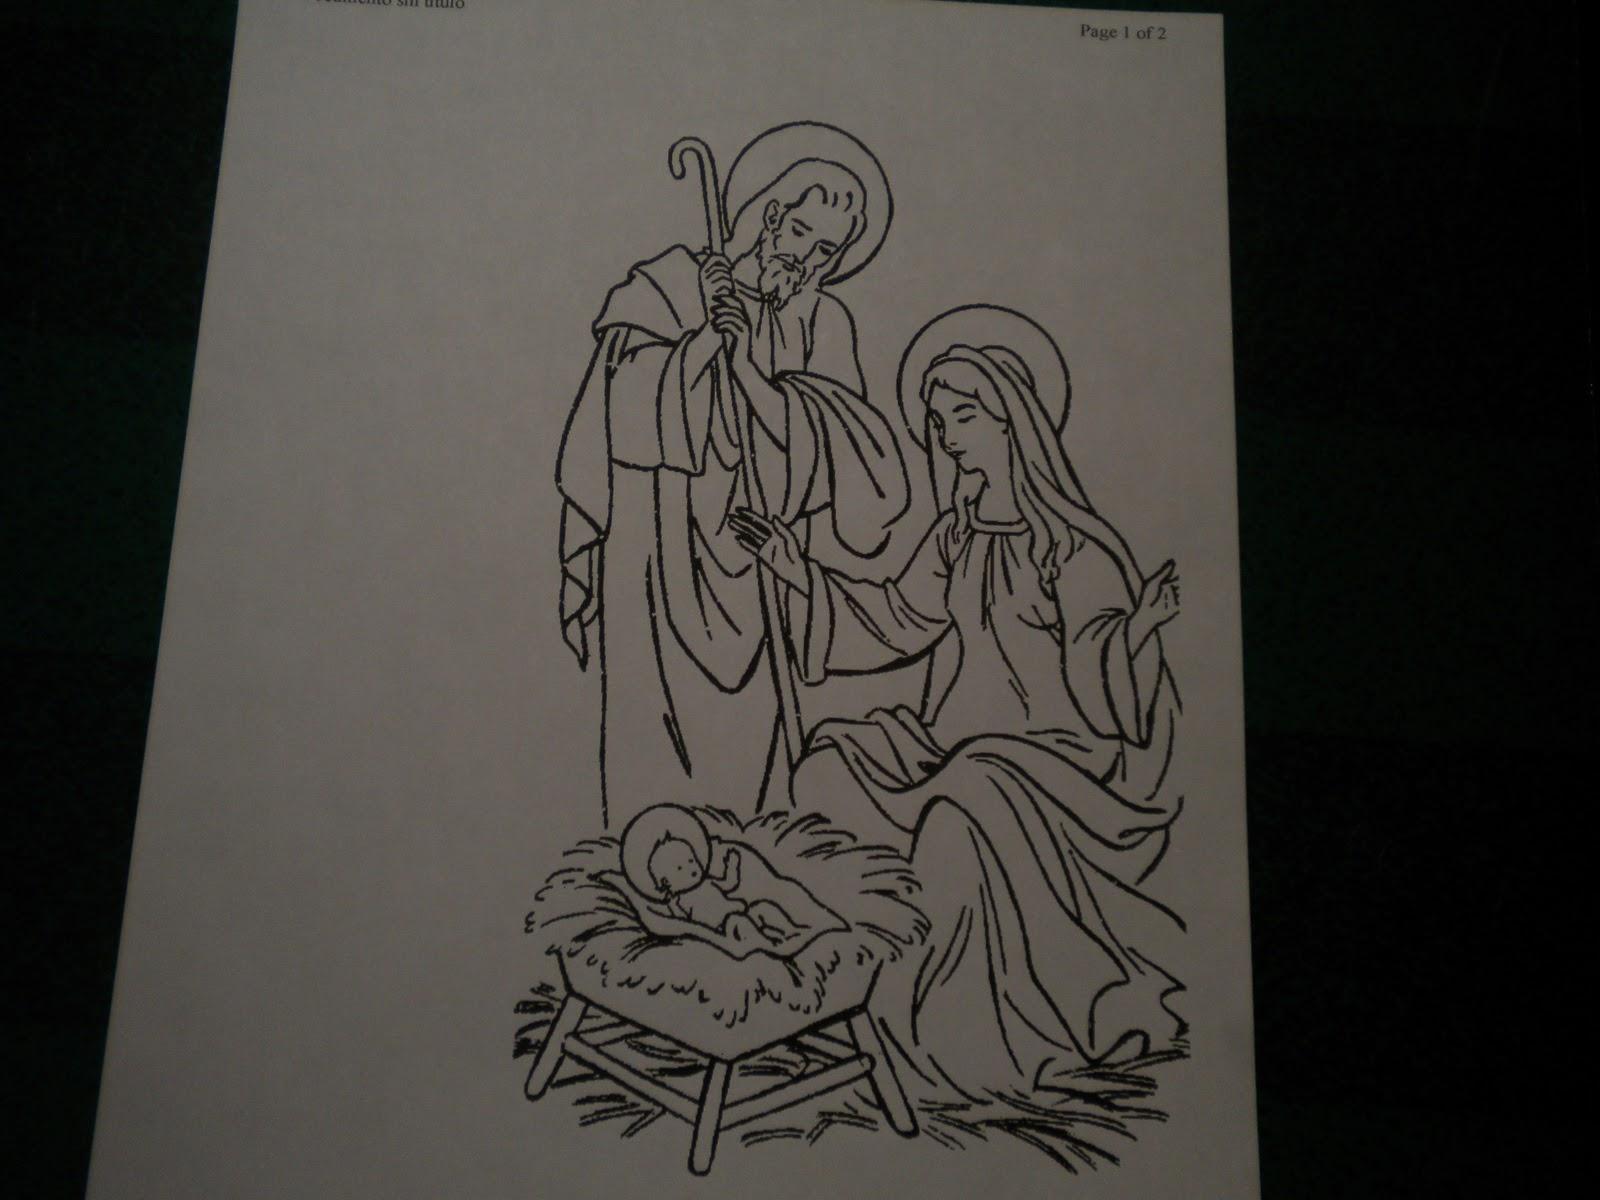 Familia Católica: Más Nacimientos para colorear en Navidad